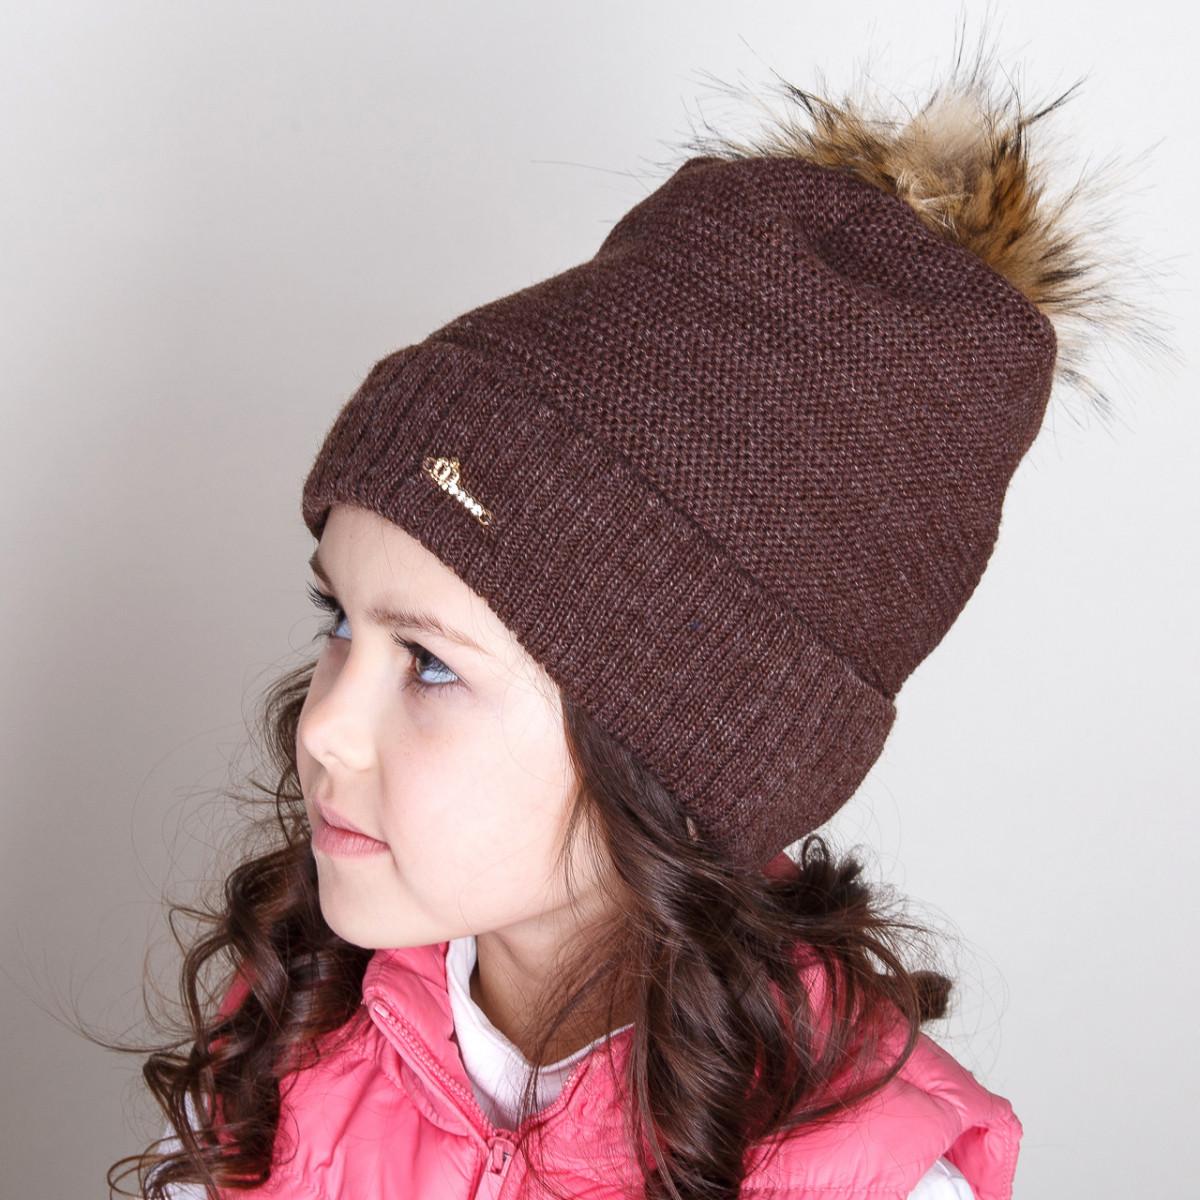 Стильная зимняя шапка с меховым помпоном для девочек - Артикул pd-1